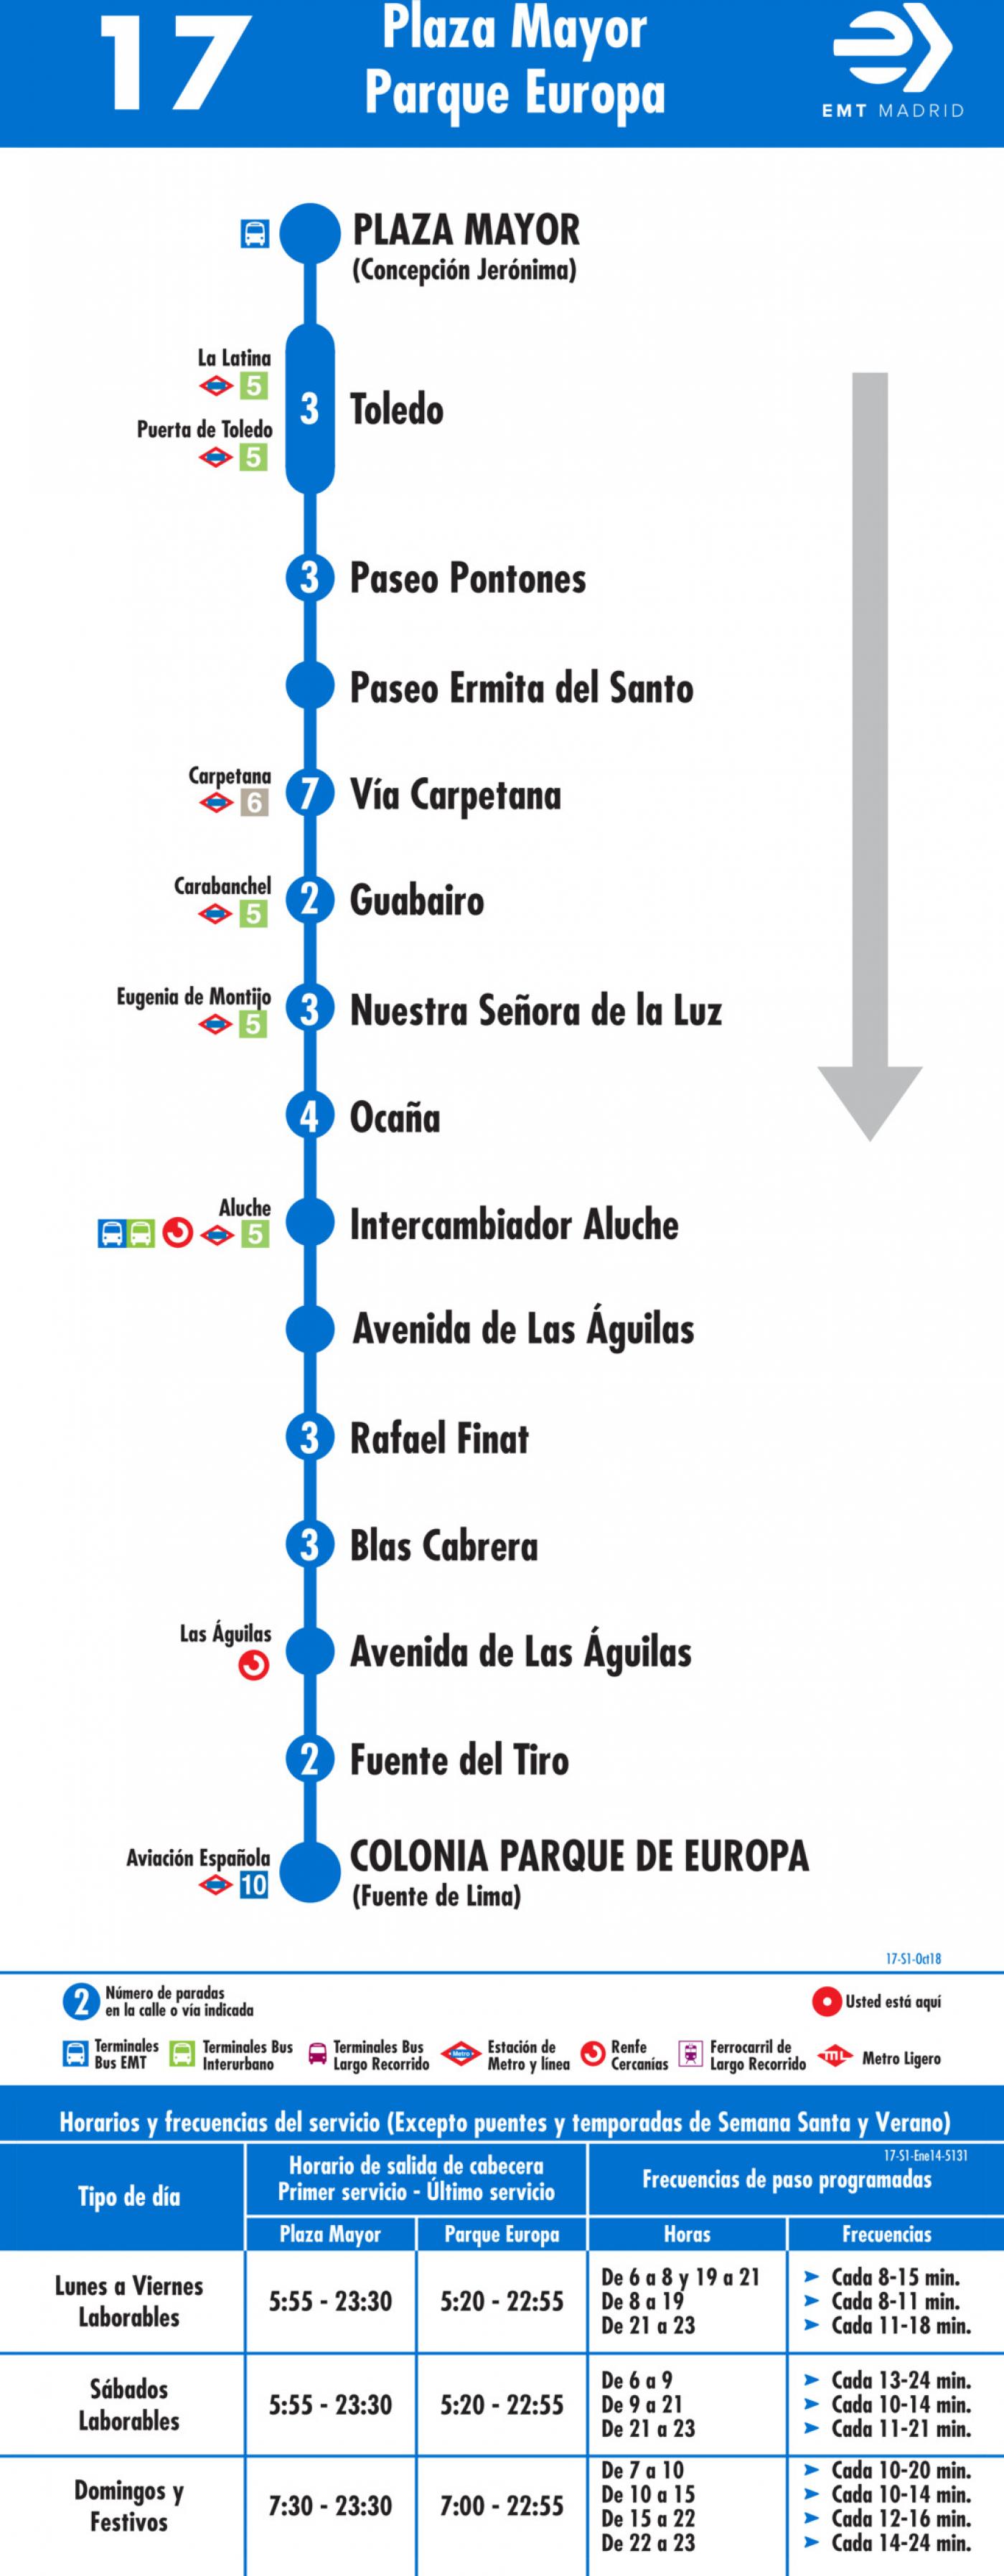 Tabla de horarios y frecuencias de paso en sentido ida Línea 17: Plaza Mayor - Colonia Parque Europa